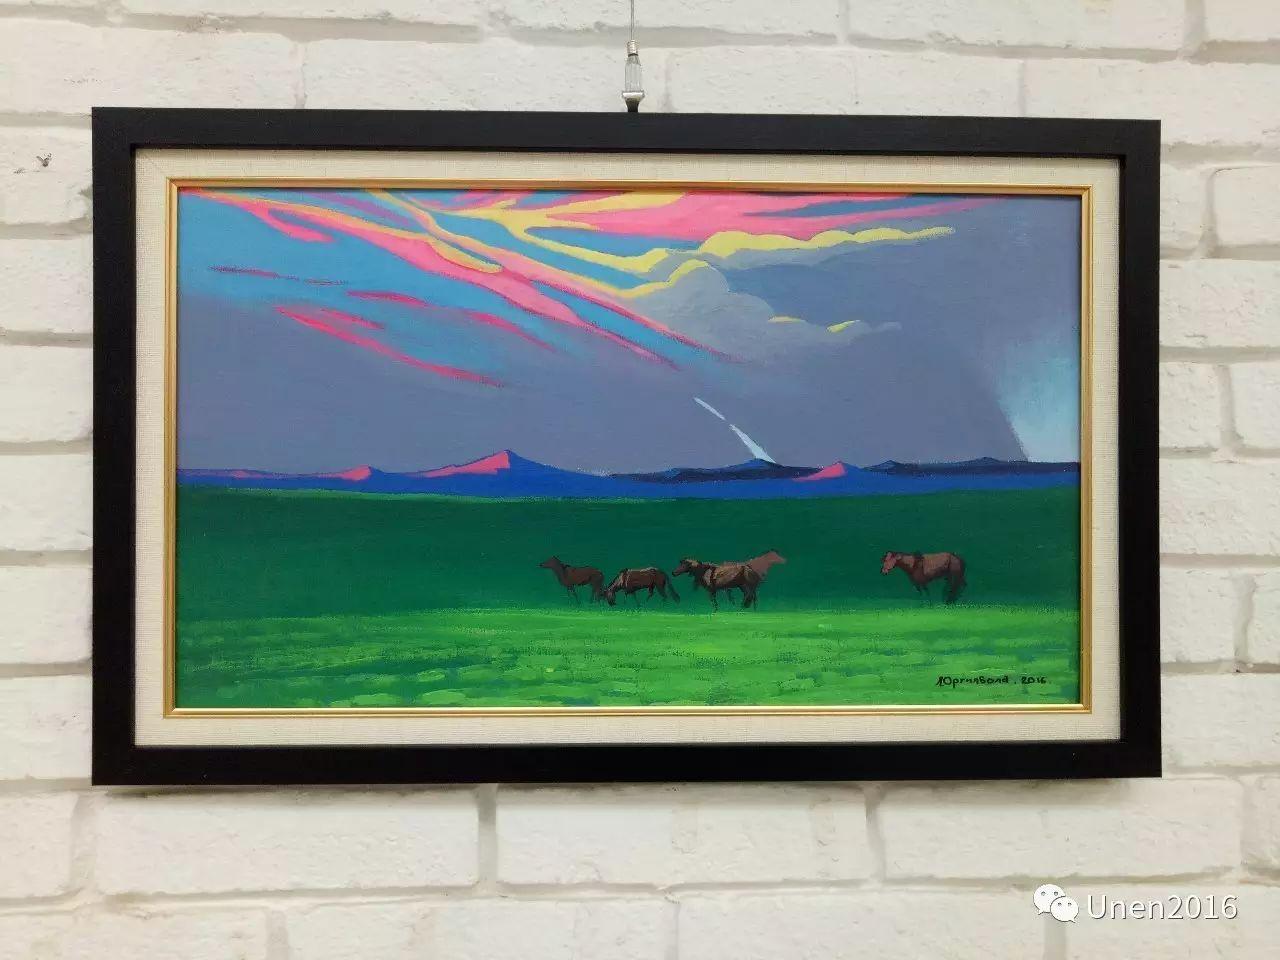 蒙古国画家傲日格勒宝勒德的油画作品 第12张